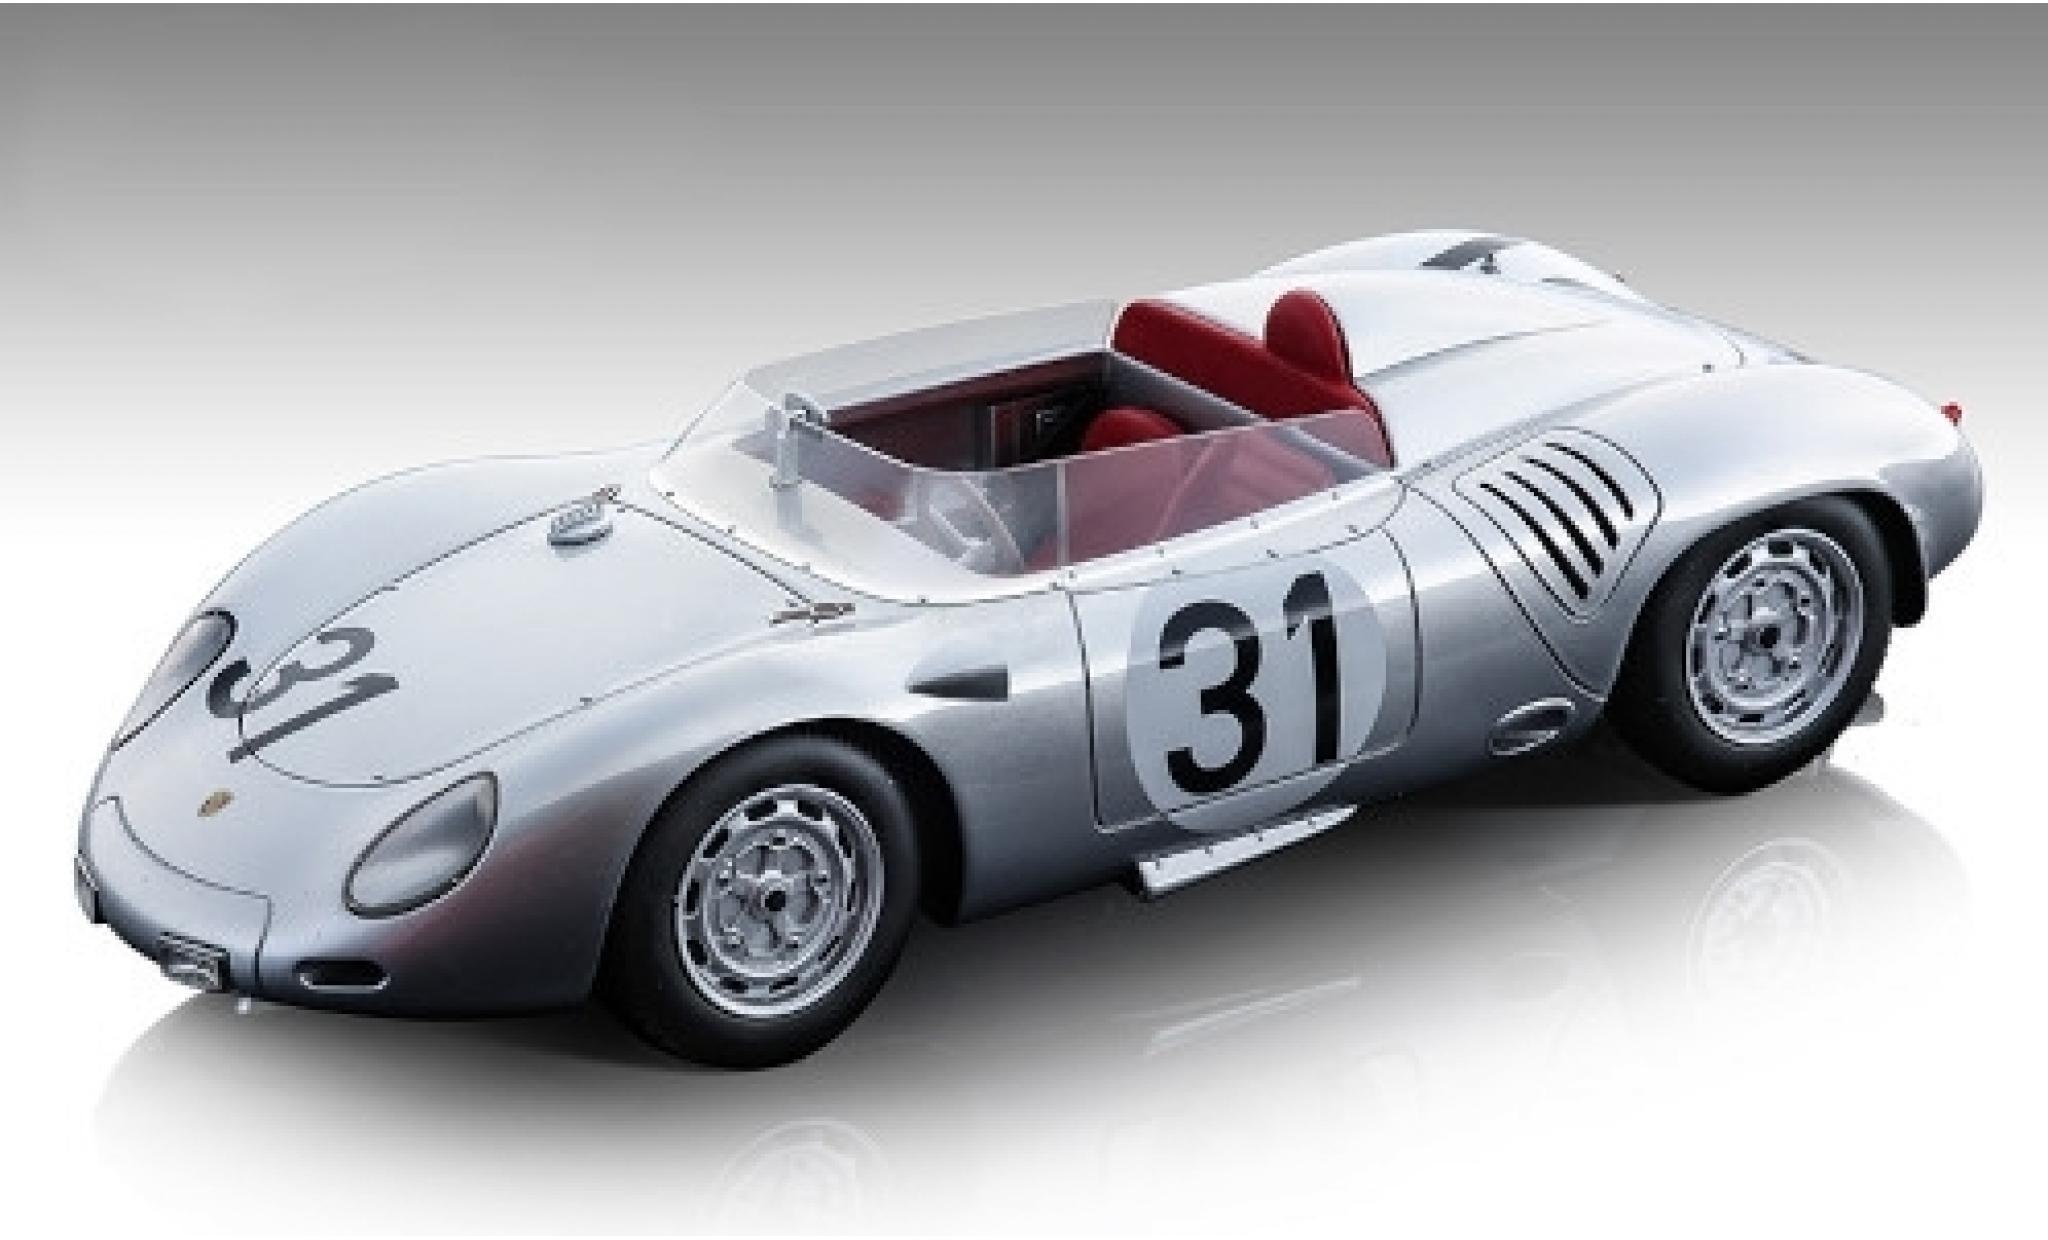 Porsche 718 1/18 Tecnomodel RSK No.31 KG 24h Le Mans J.Bonnier/W.von Trips